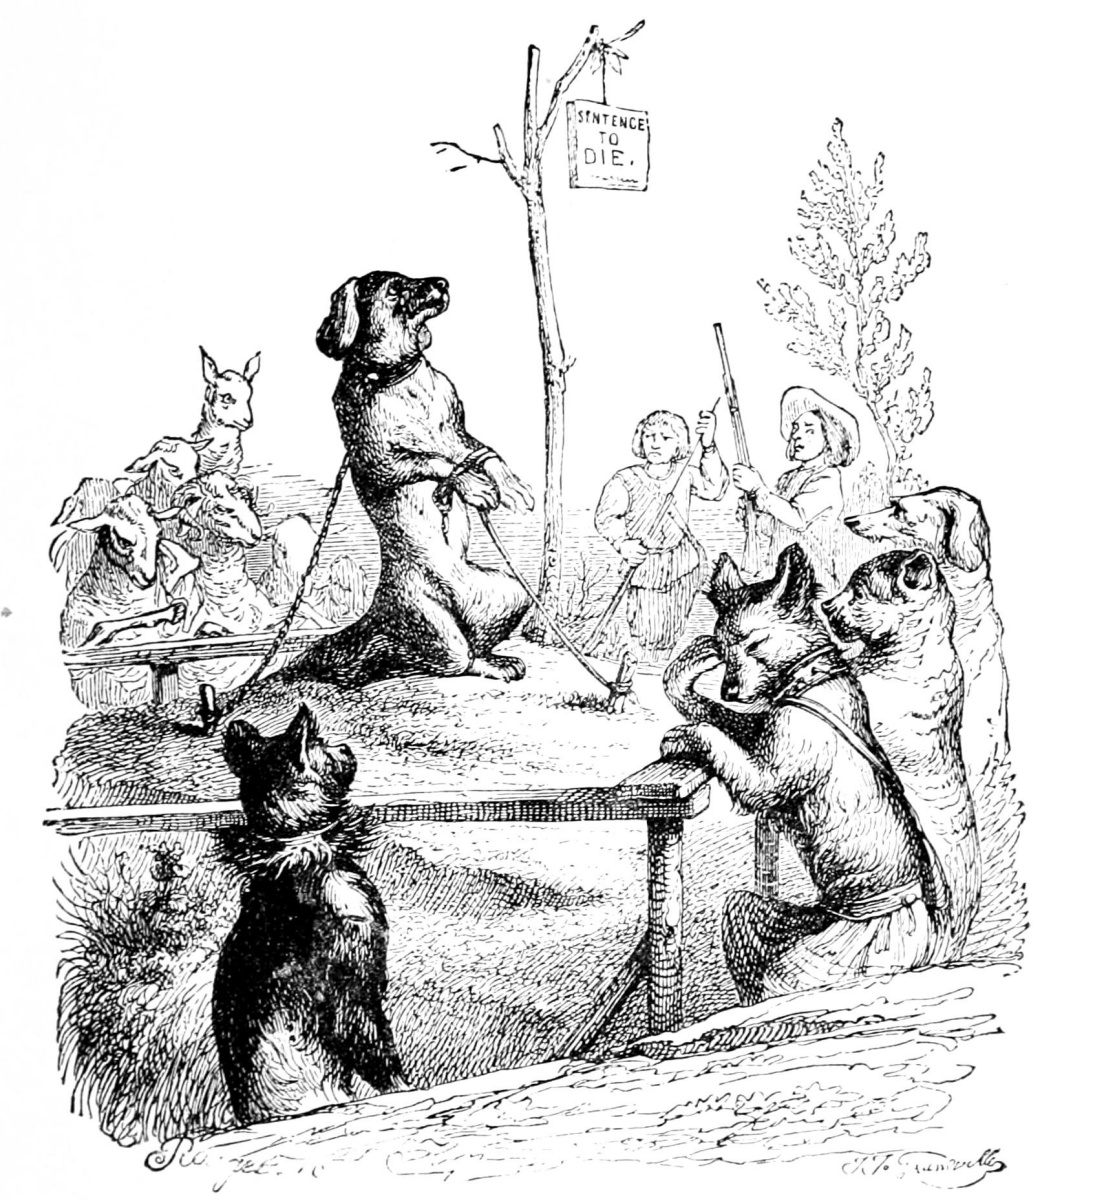 Жан Иньяс Изидор (Жерар) Гранвиль. Собачье преступление. Иллюстрации к басням Флориана